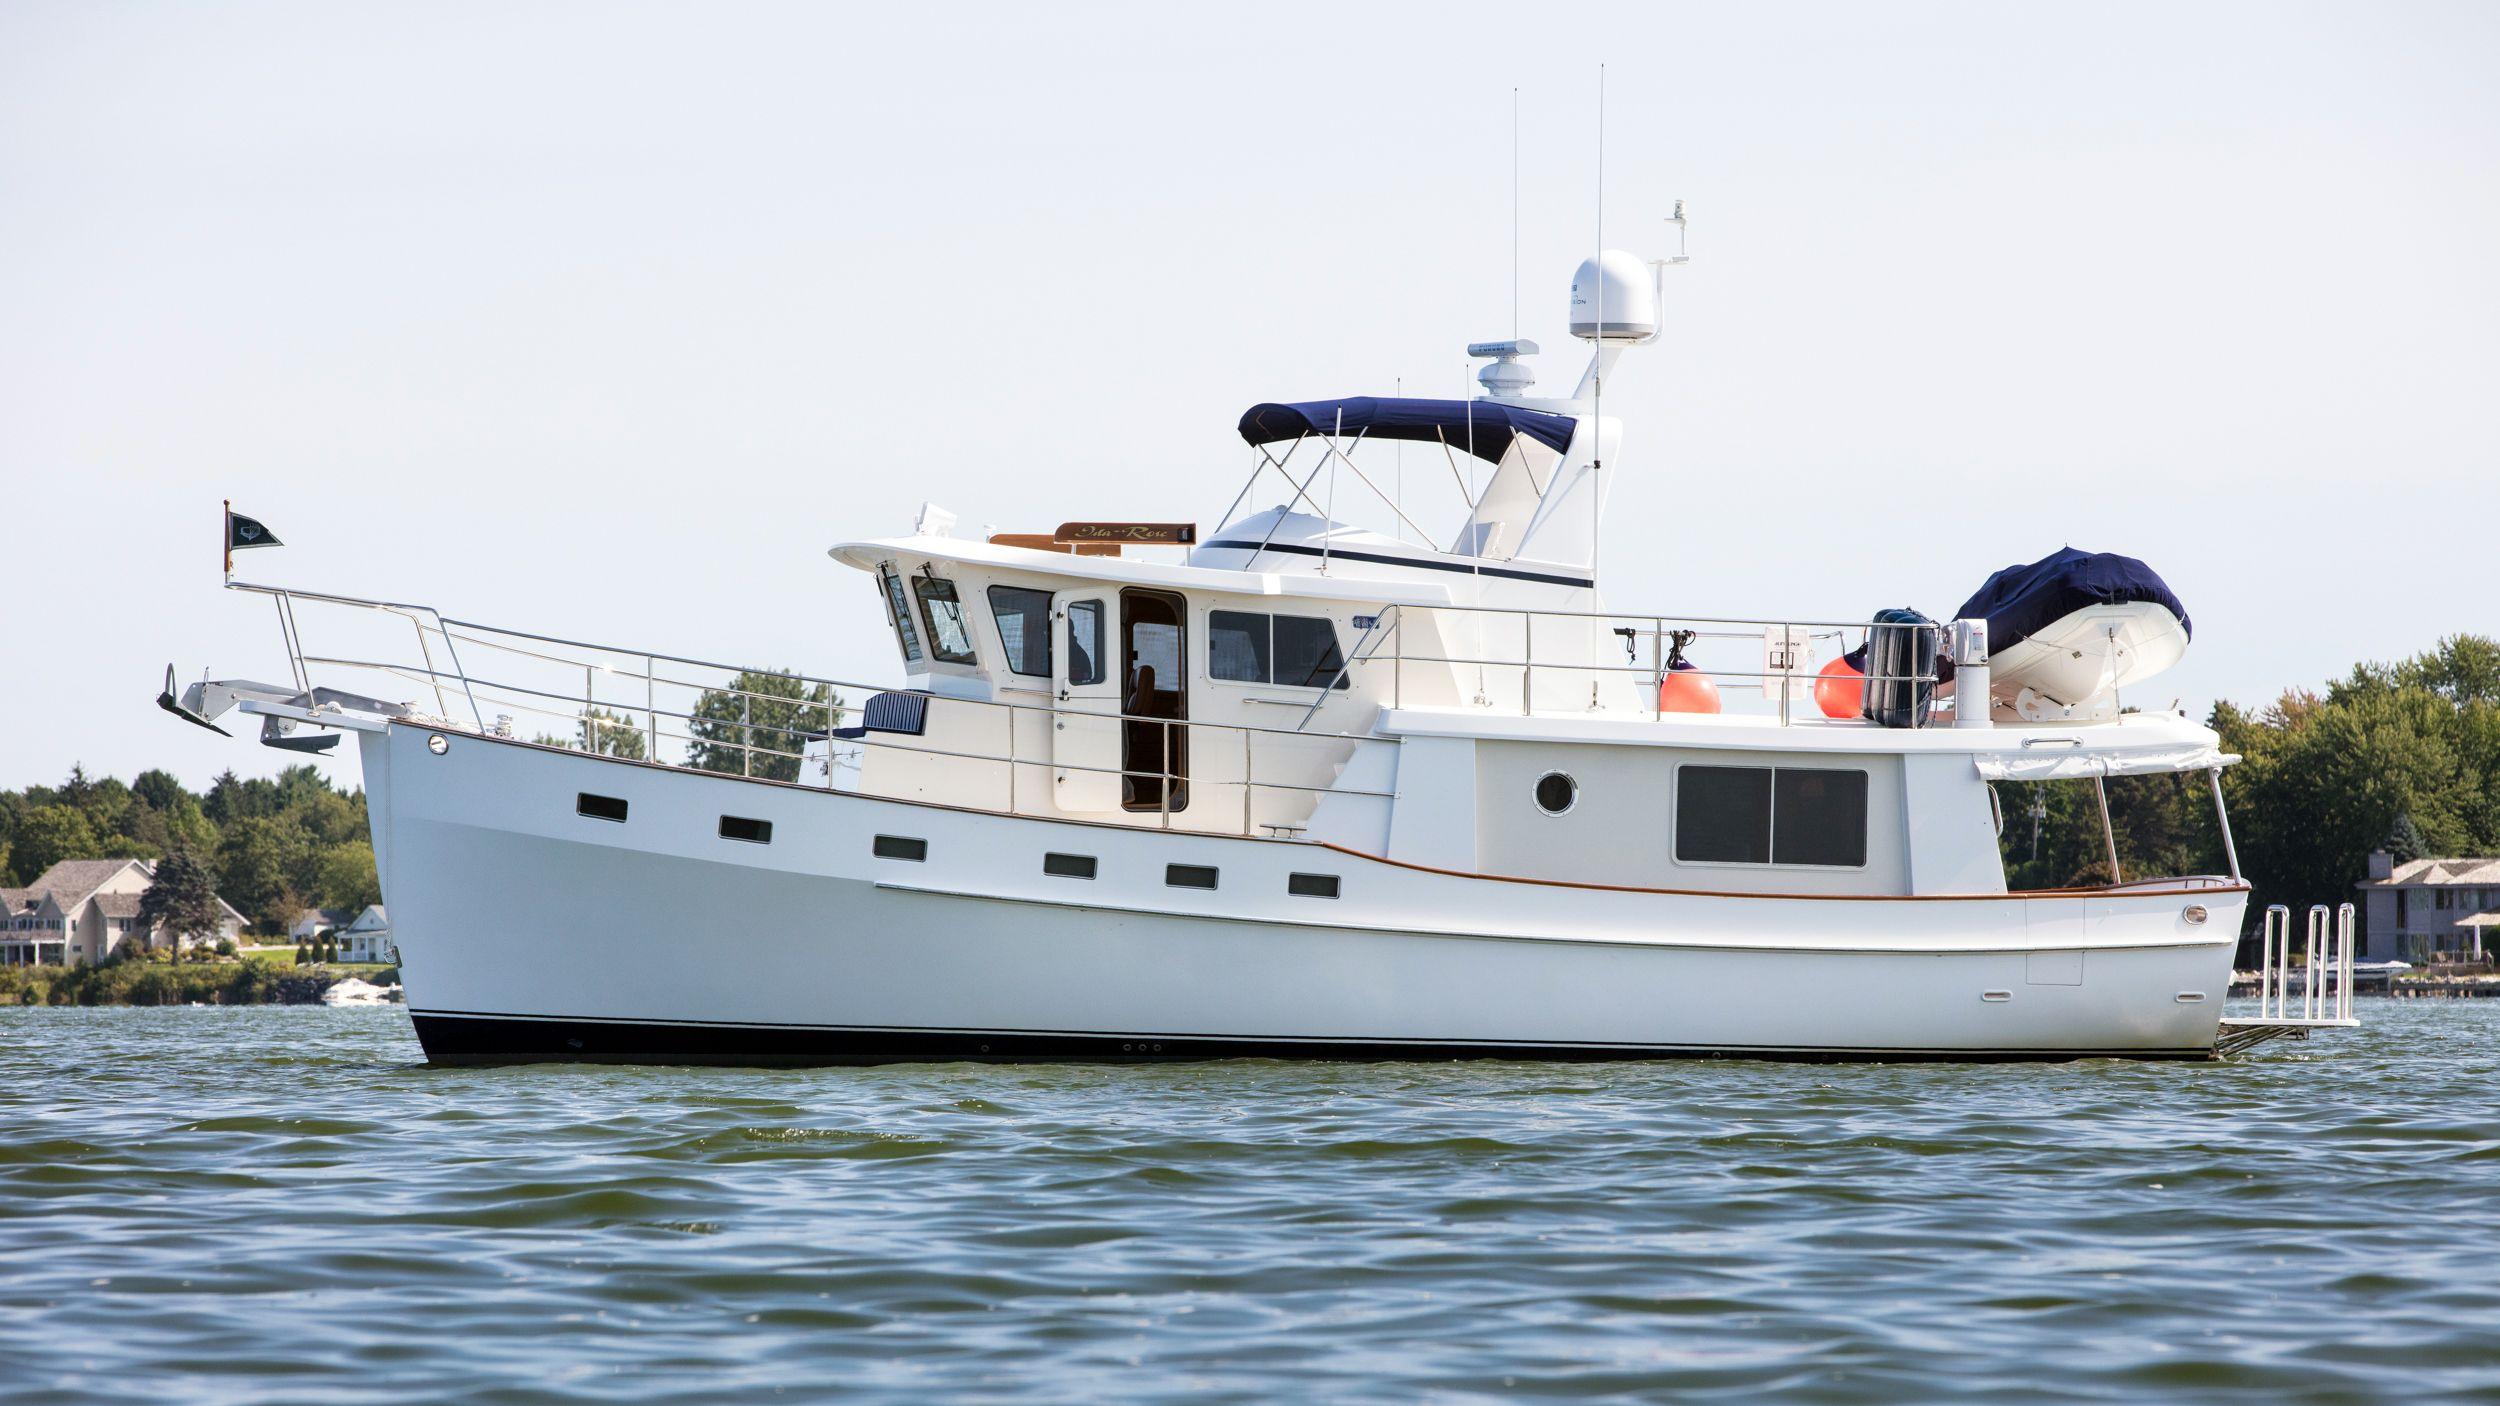 2016 Kadey-Krogen 48 AE Power Boat For Sale - www ...